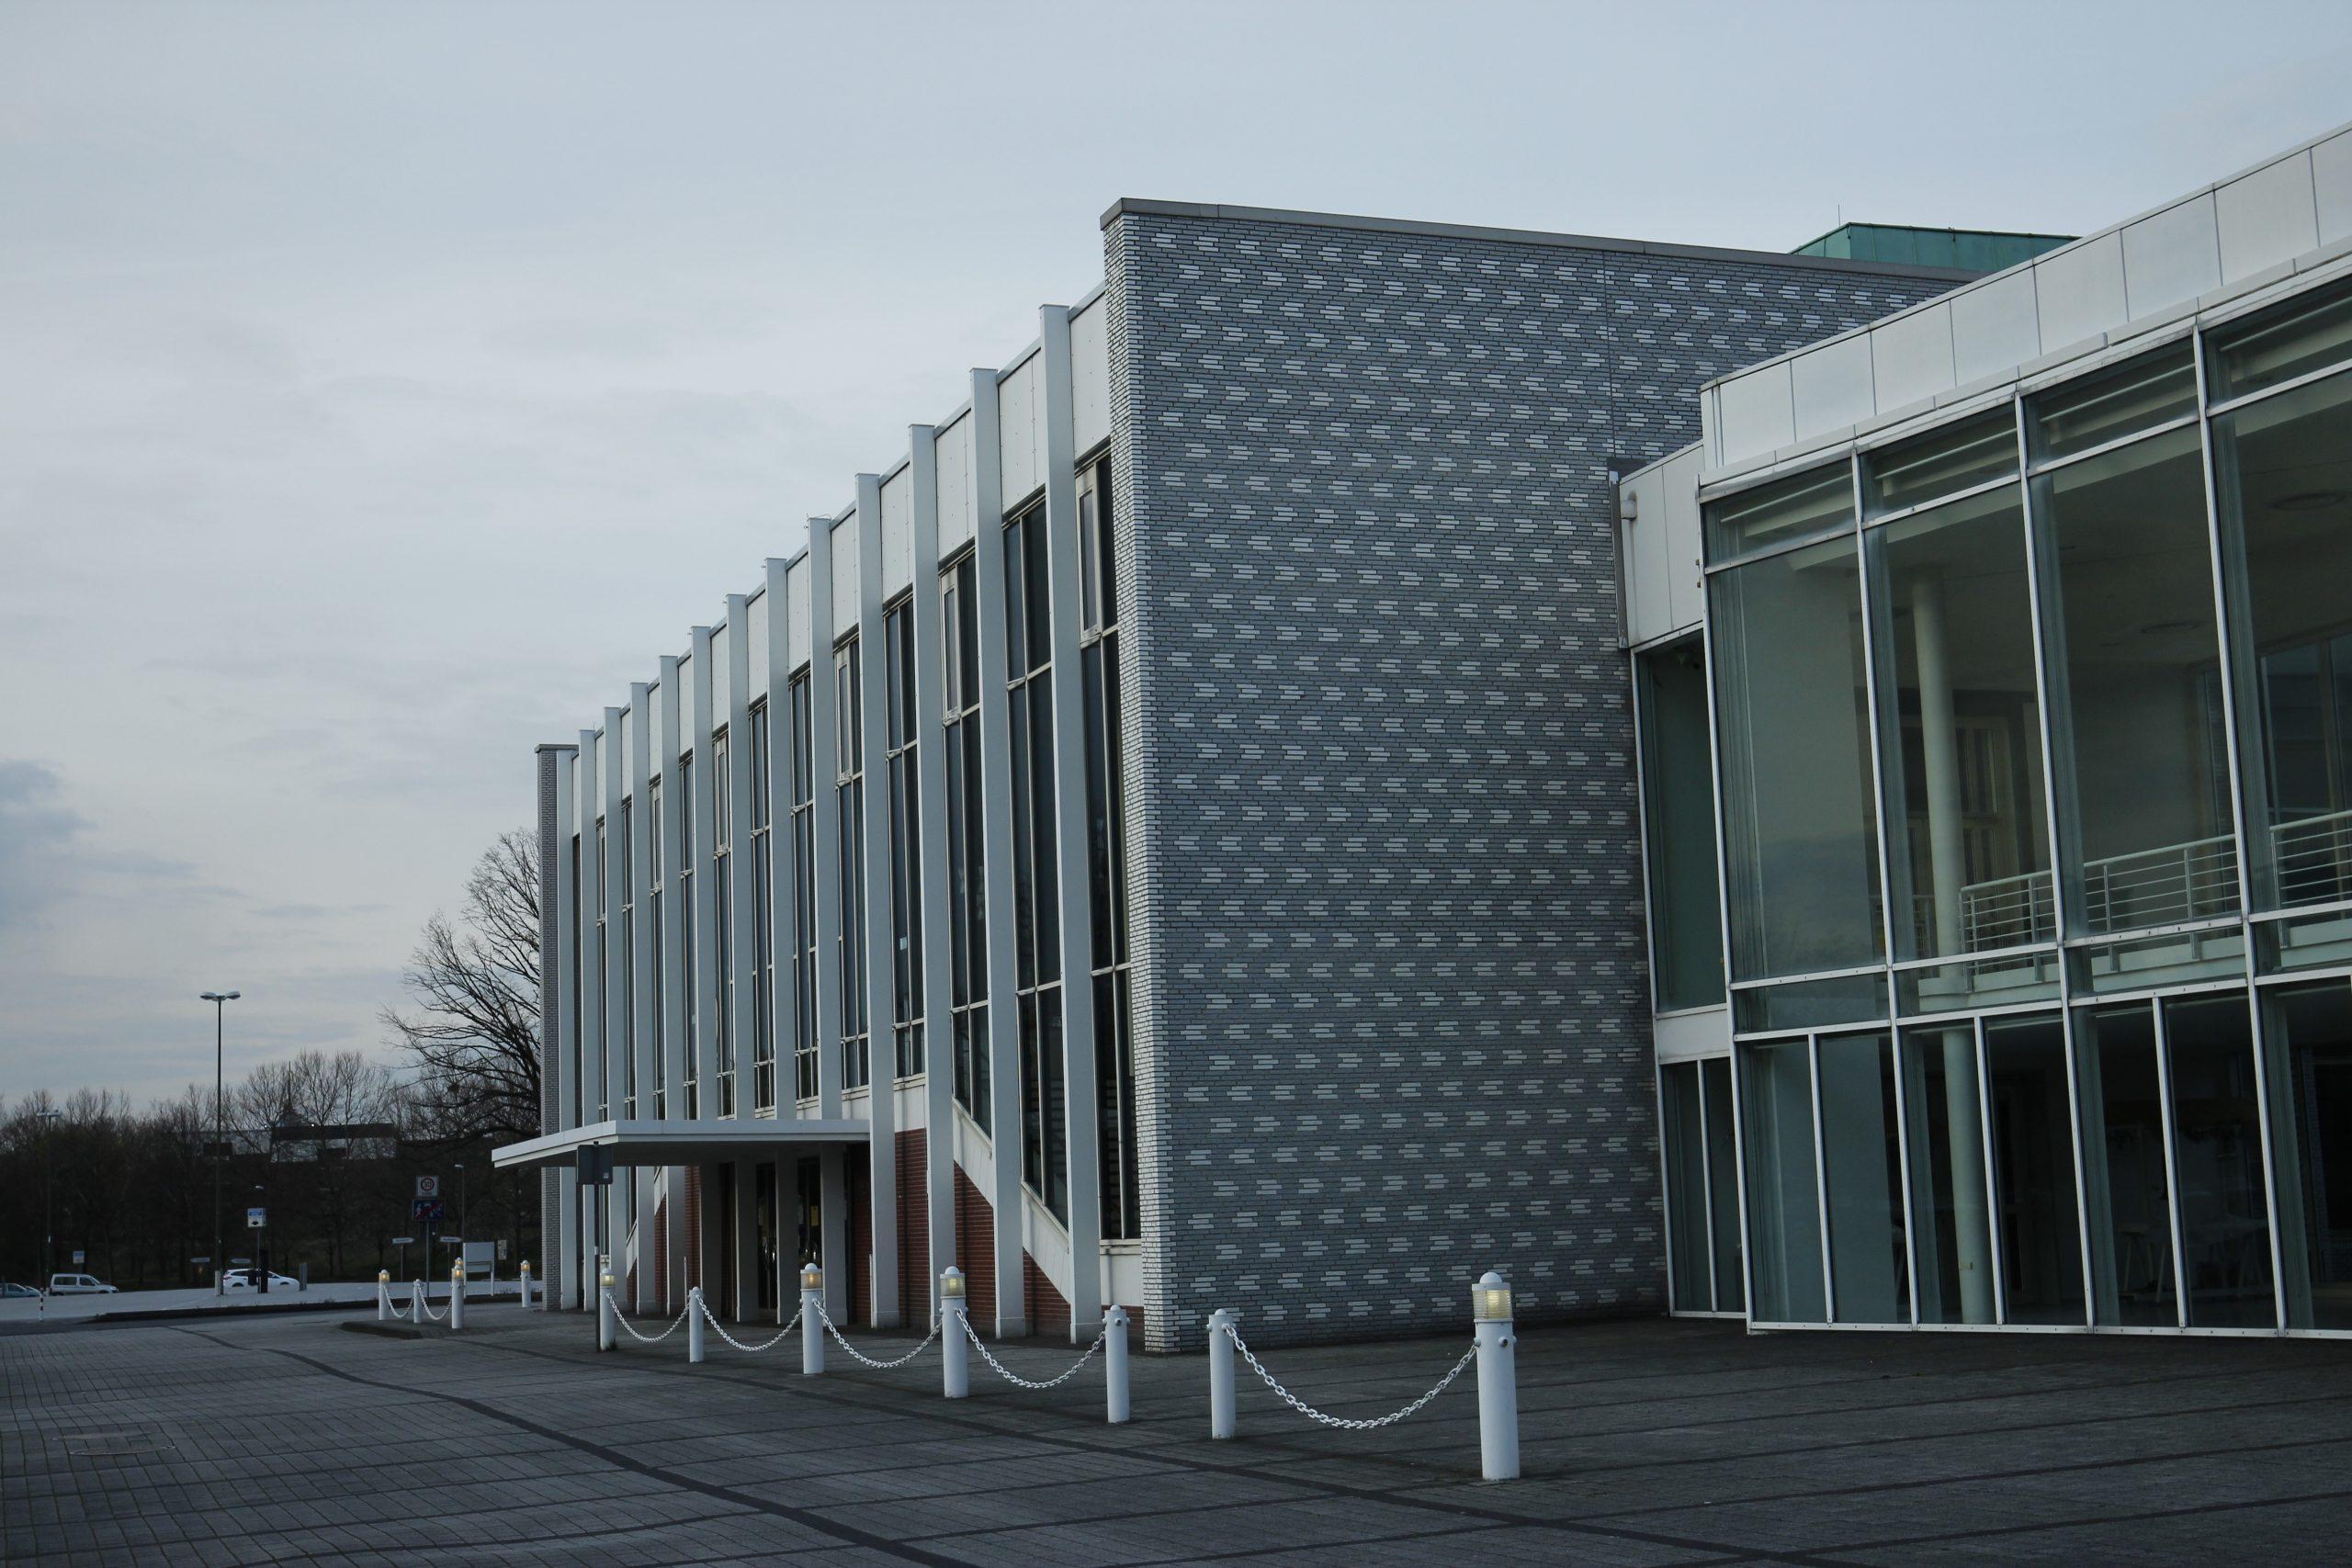 Exterior view of the Heinz Hilpert Theater.